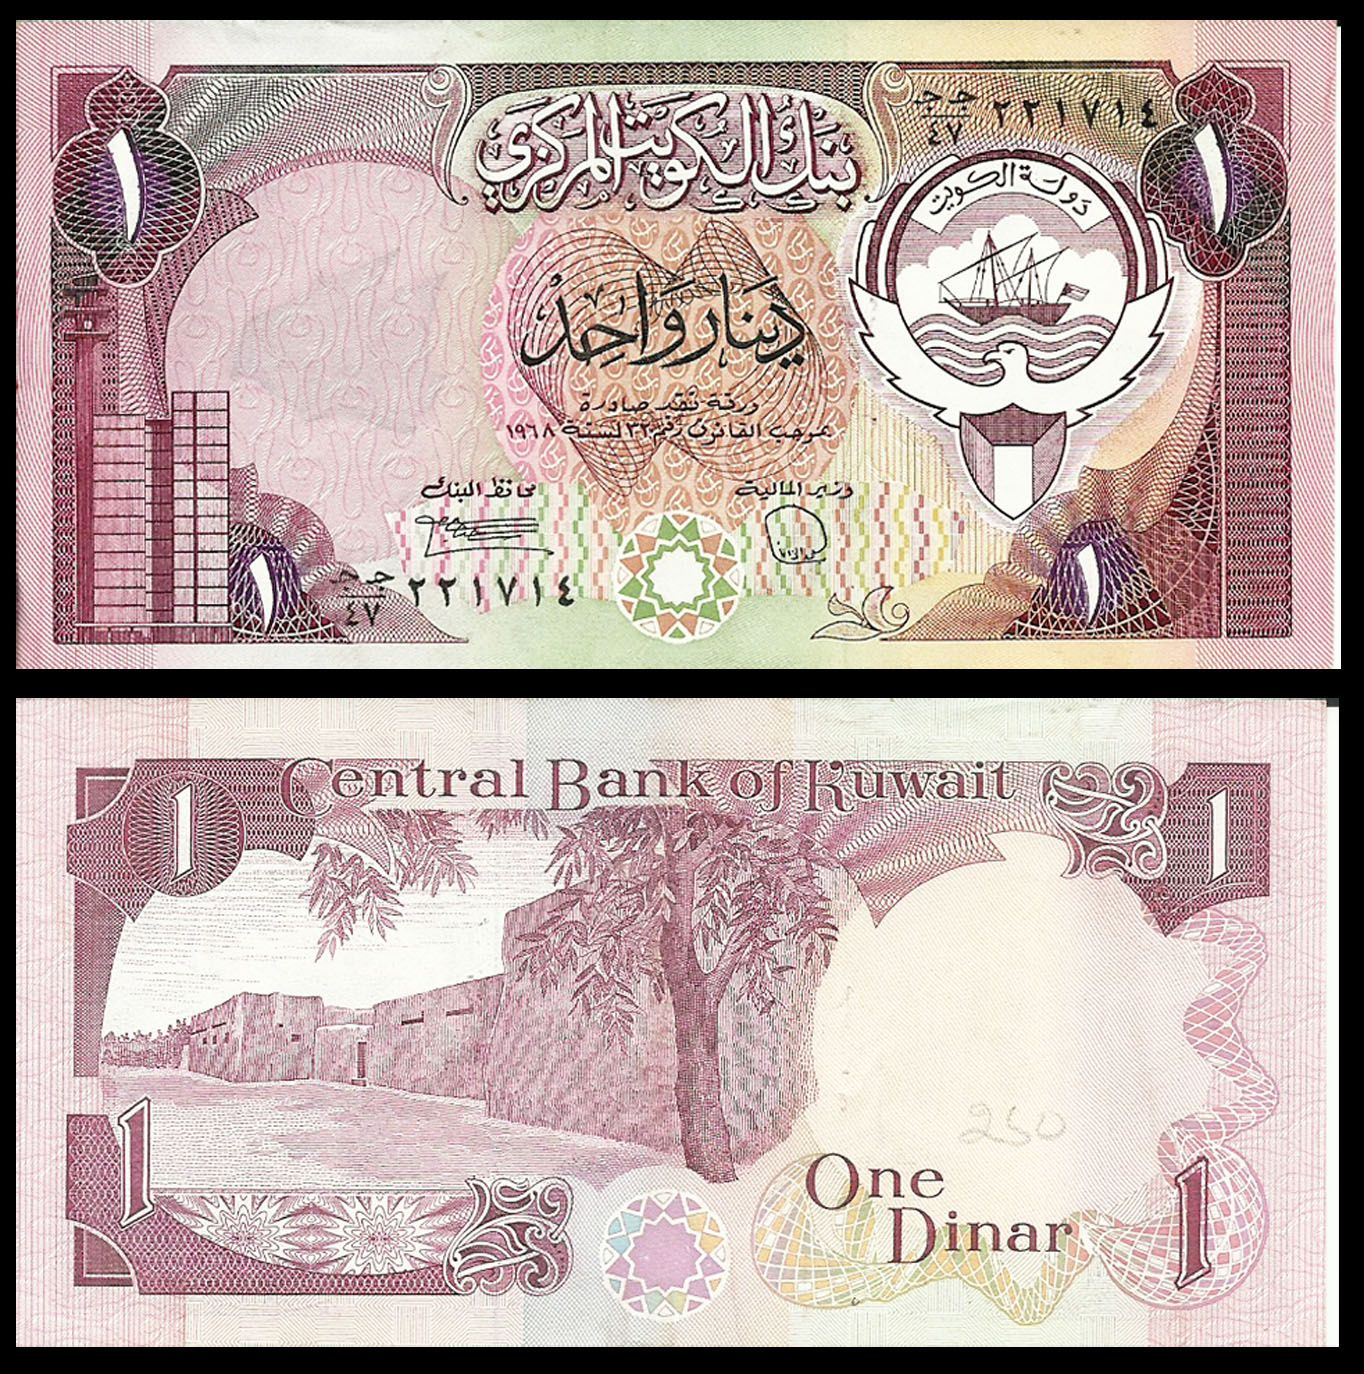 Kuwait Monedas Valiosas Pinterest Banknote